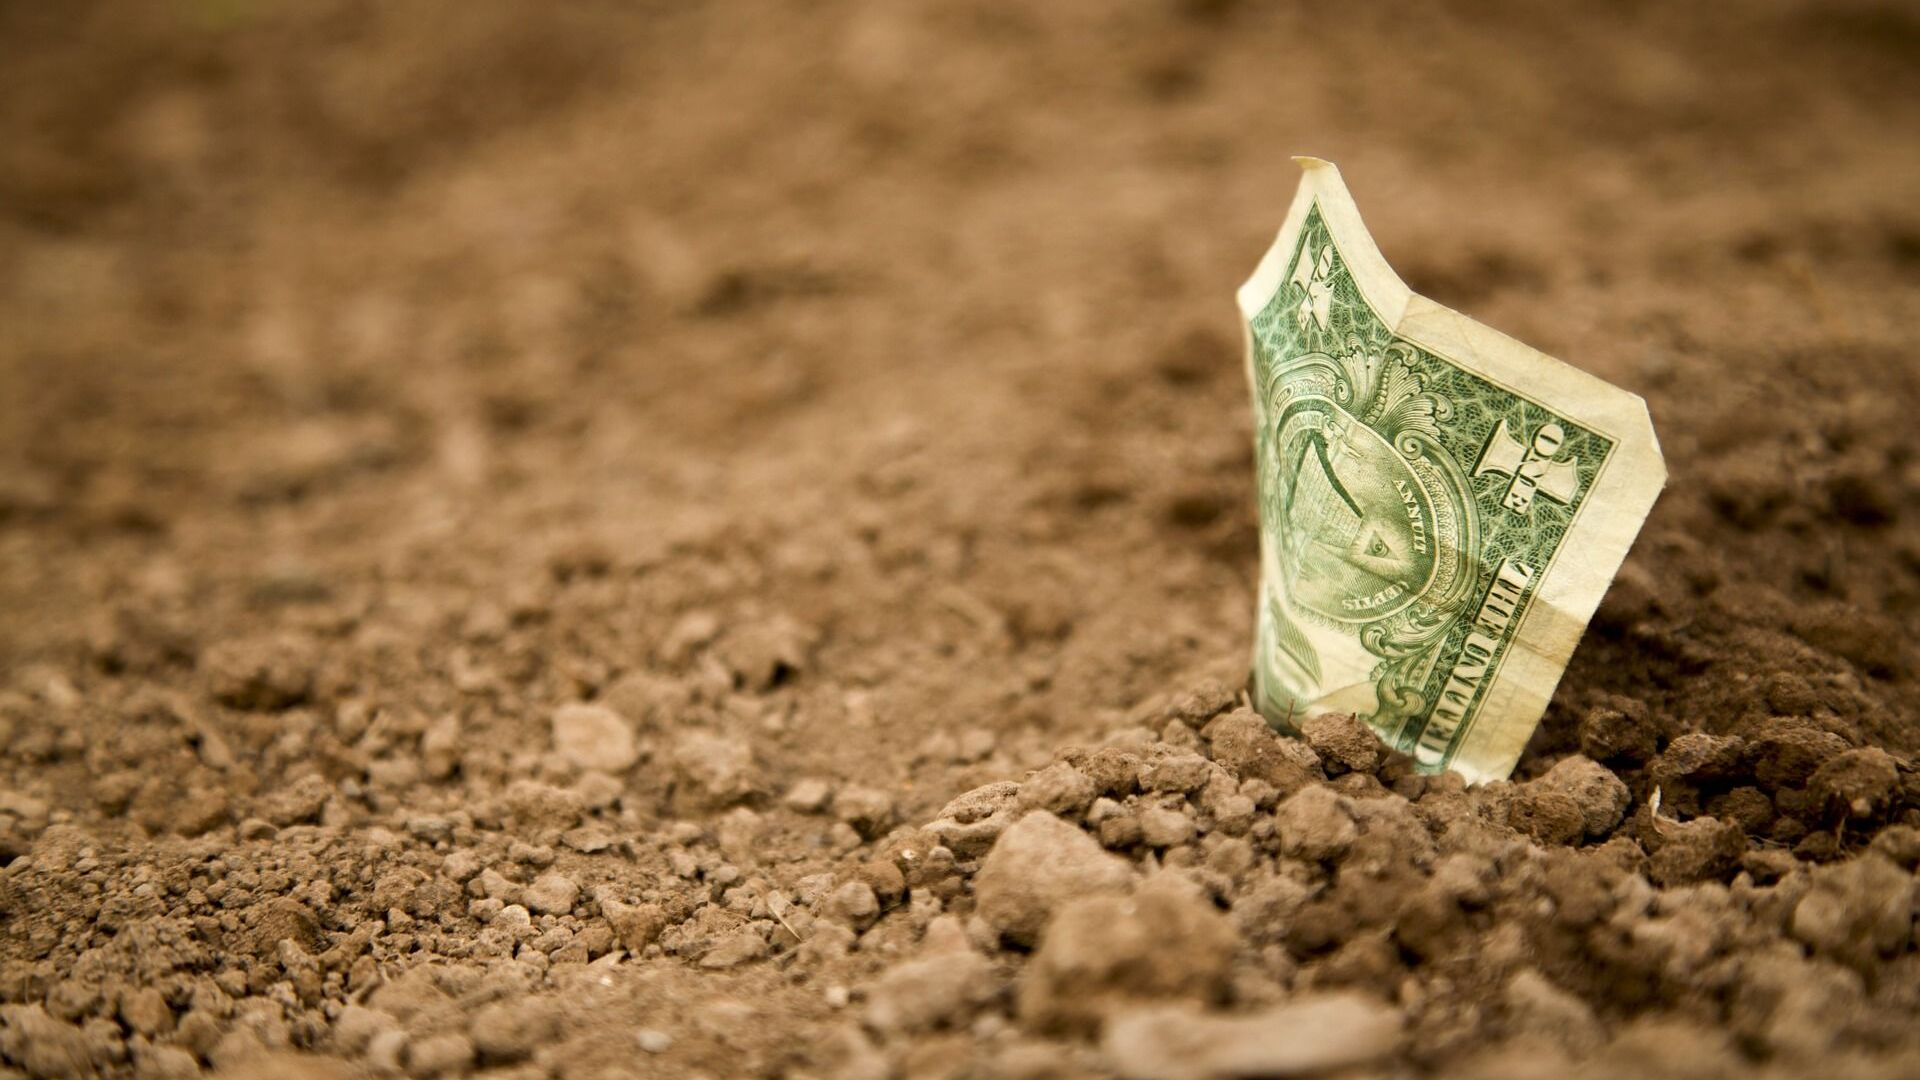 Доллар на земле - Sputnik Таджикистан, 1920, 14.10.2021